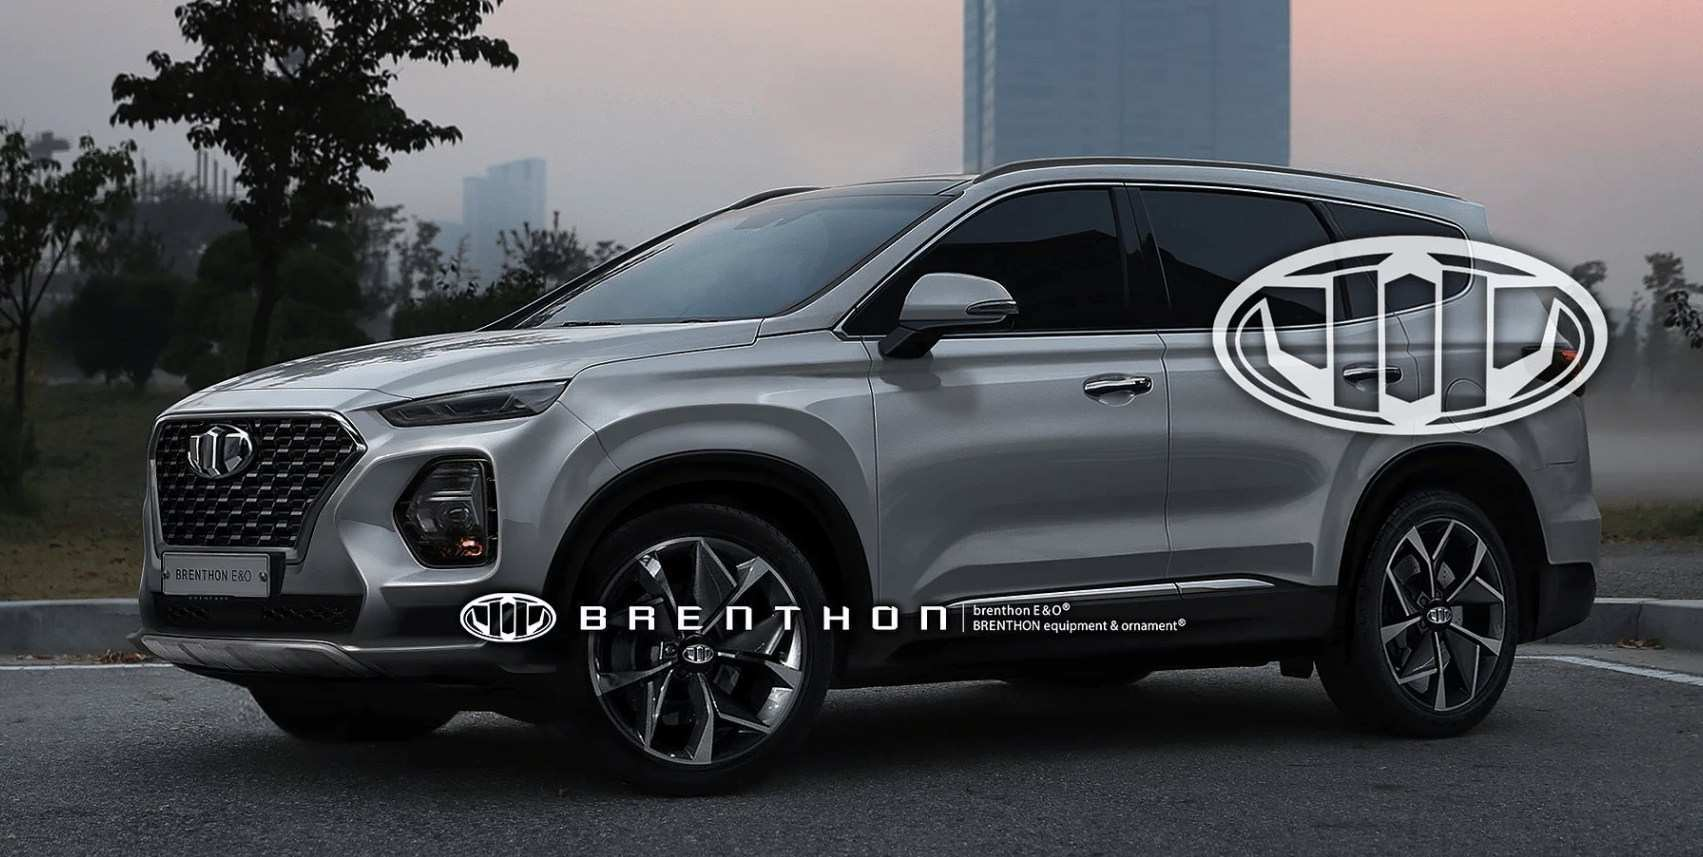 36 Concept of 2019 Hyundai Models Engine with 2019 Hyundai Models